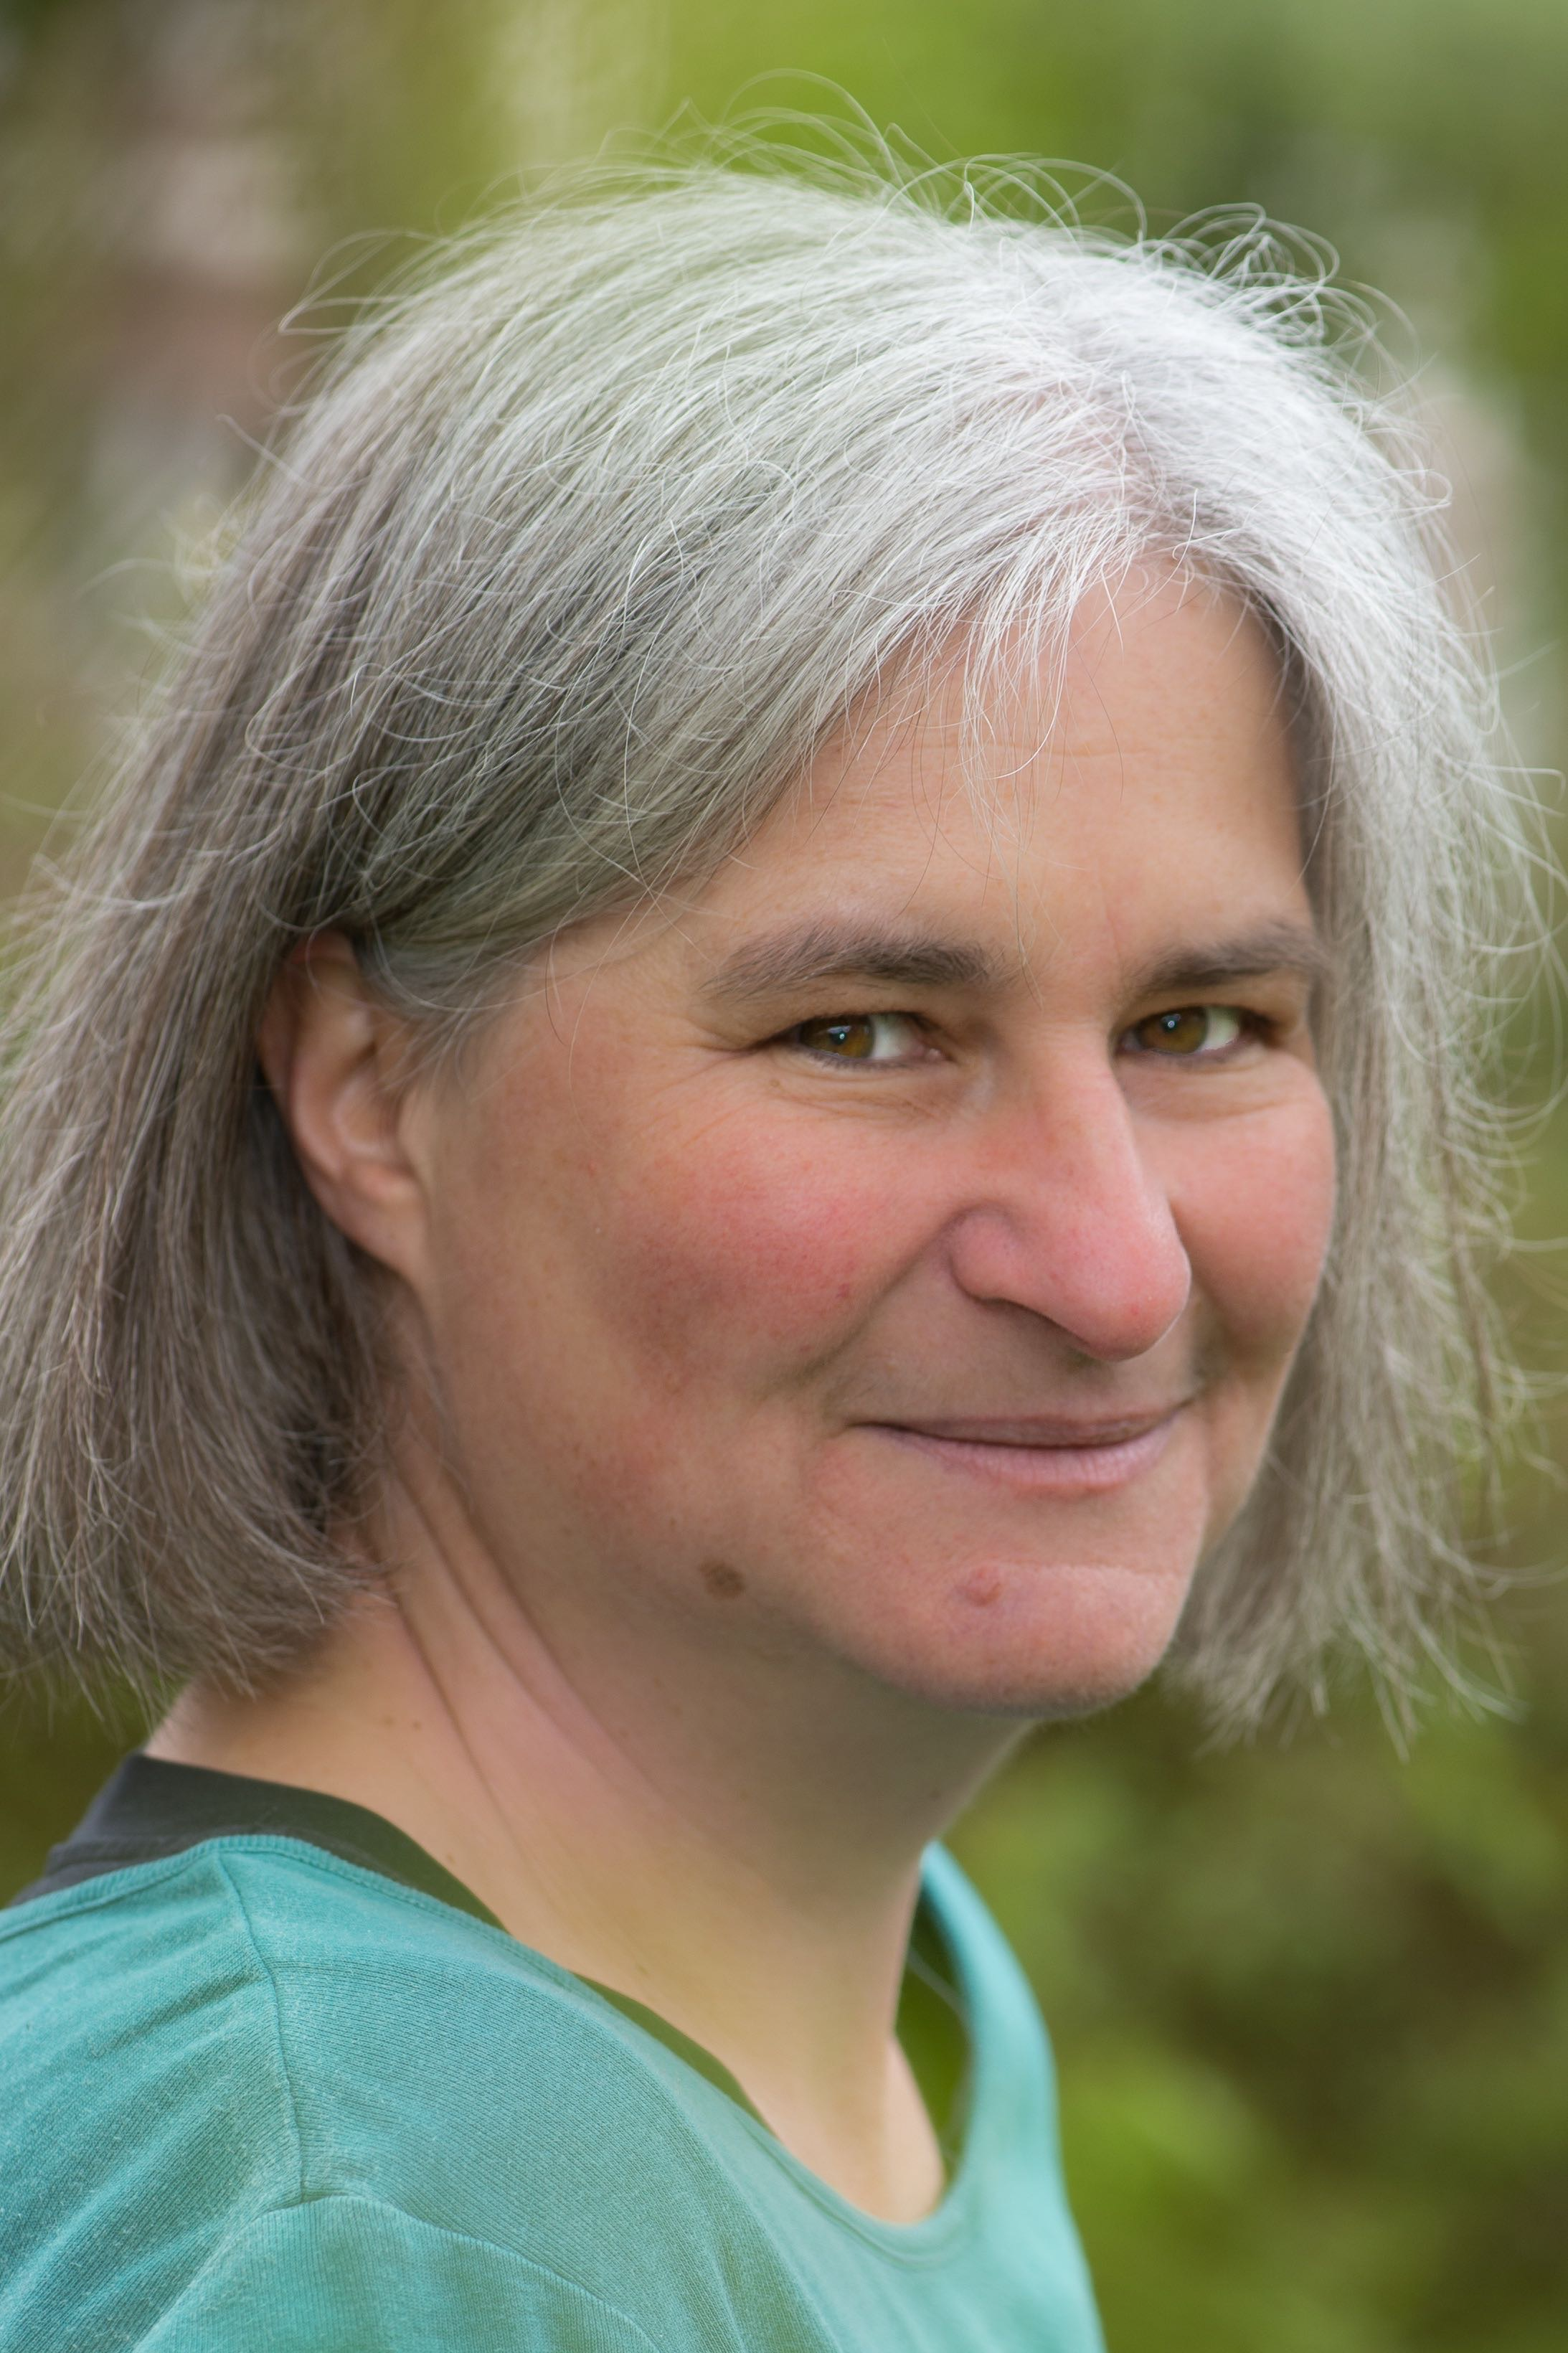 SusanneNausner